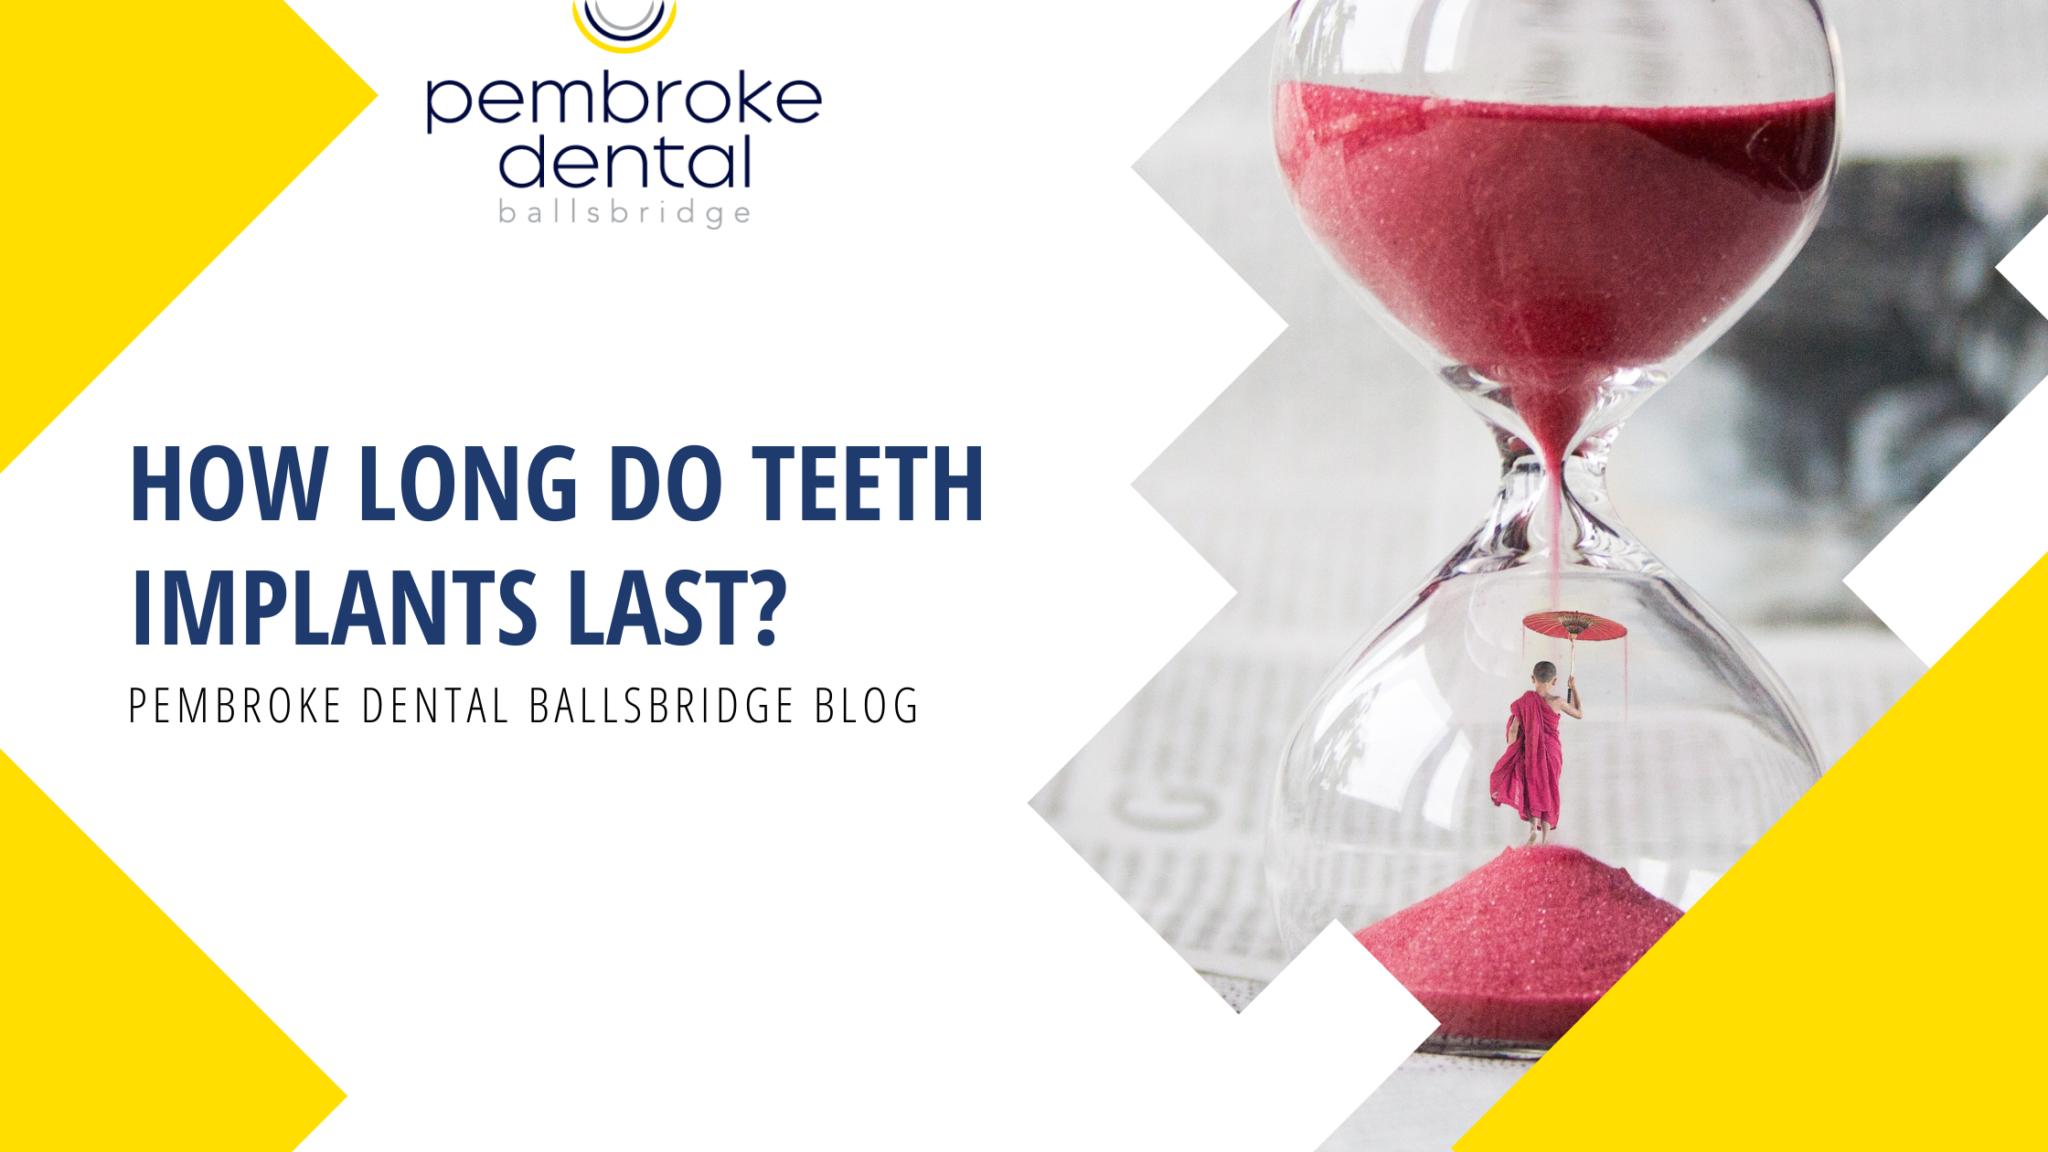 How Long Do Teeth Implants Last